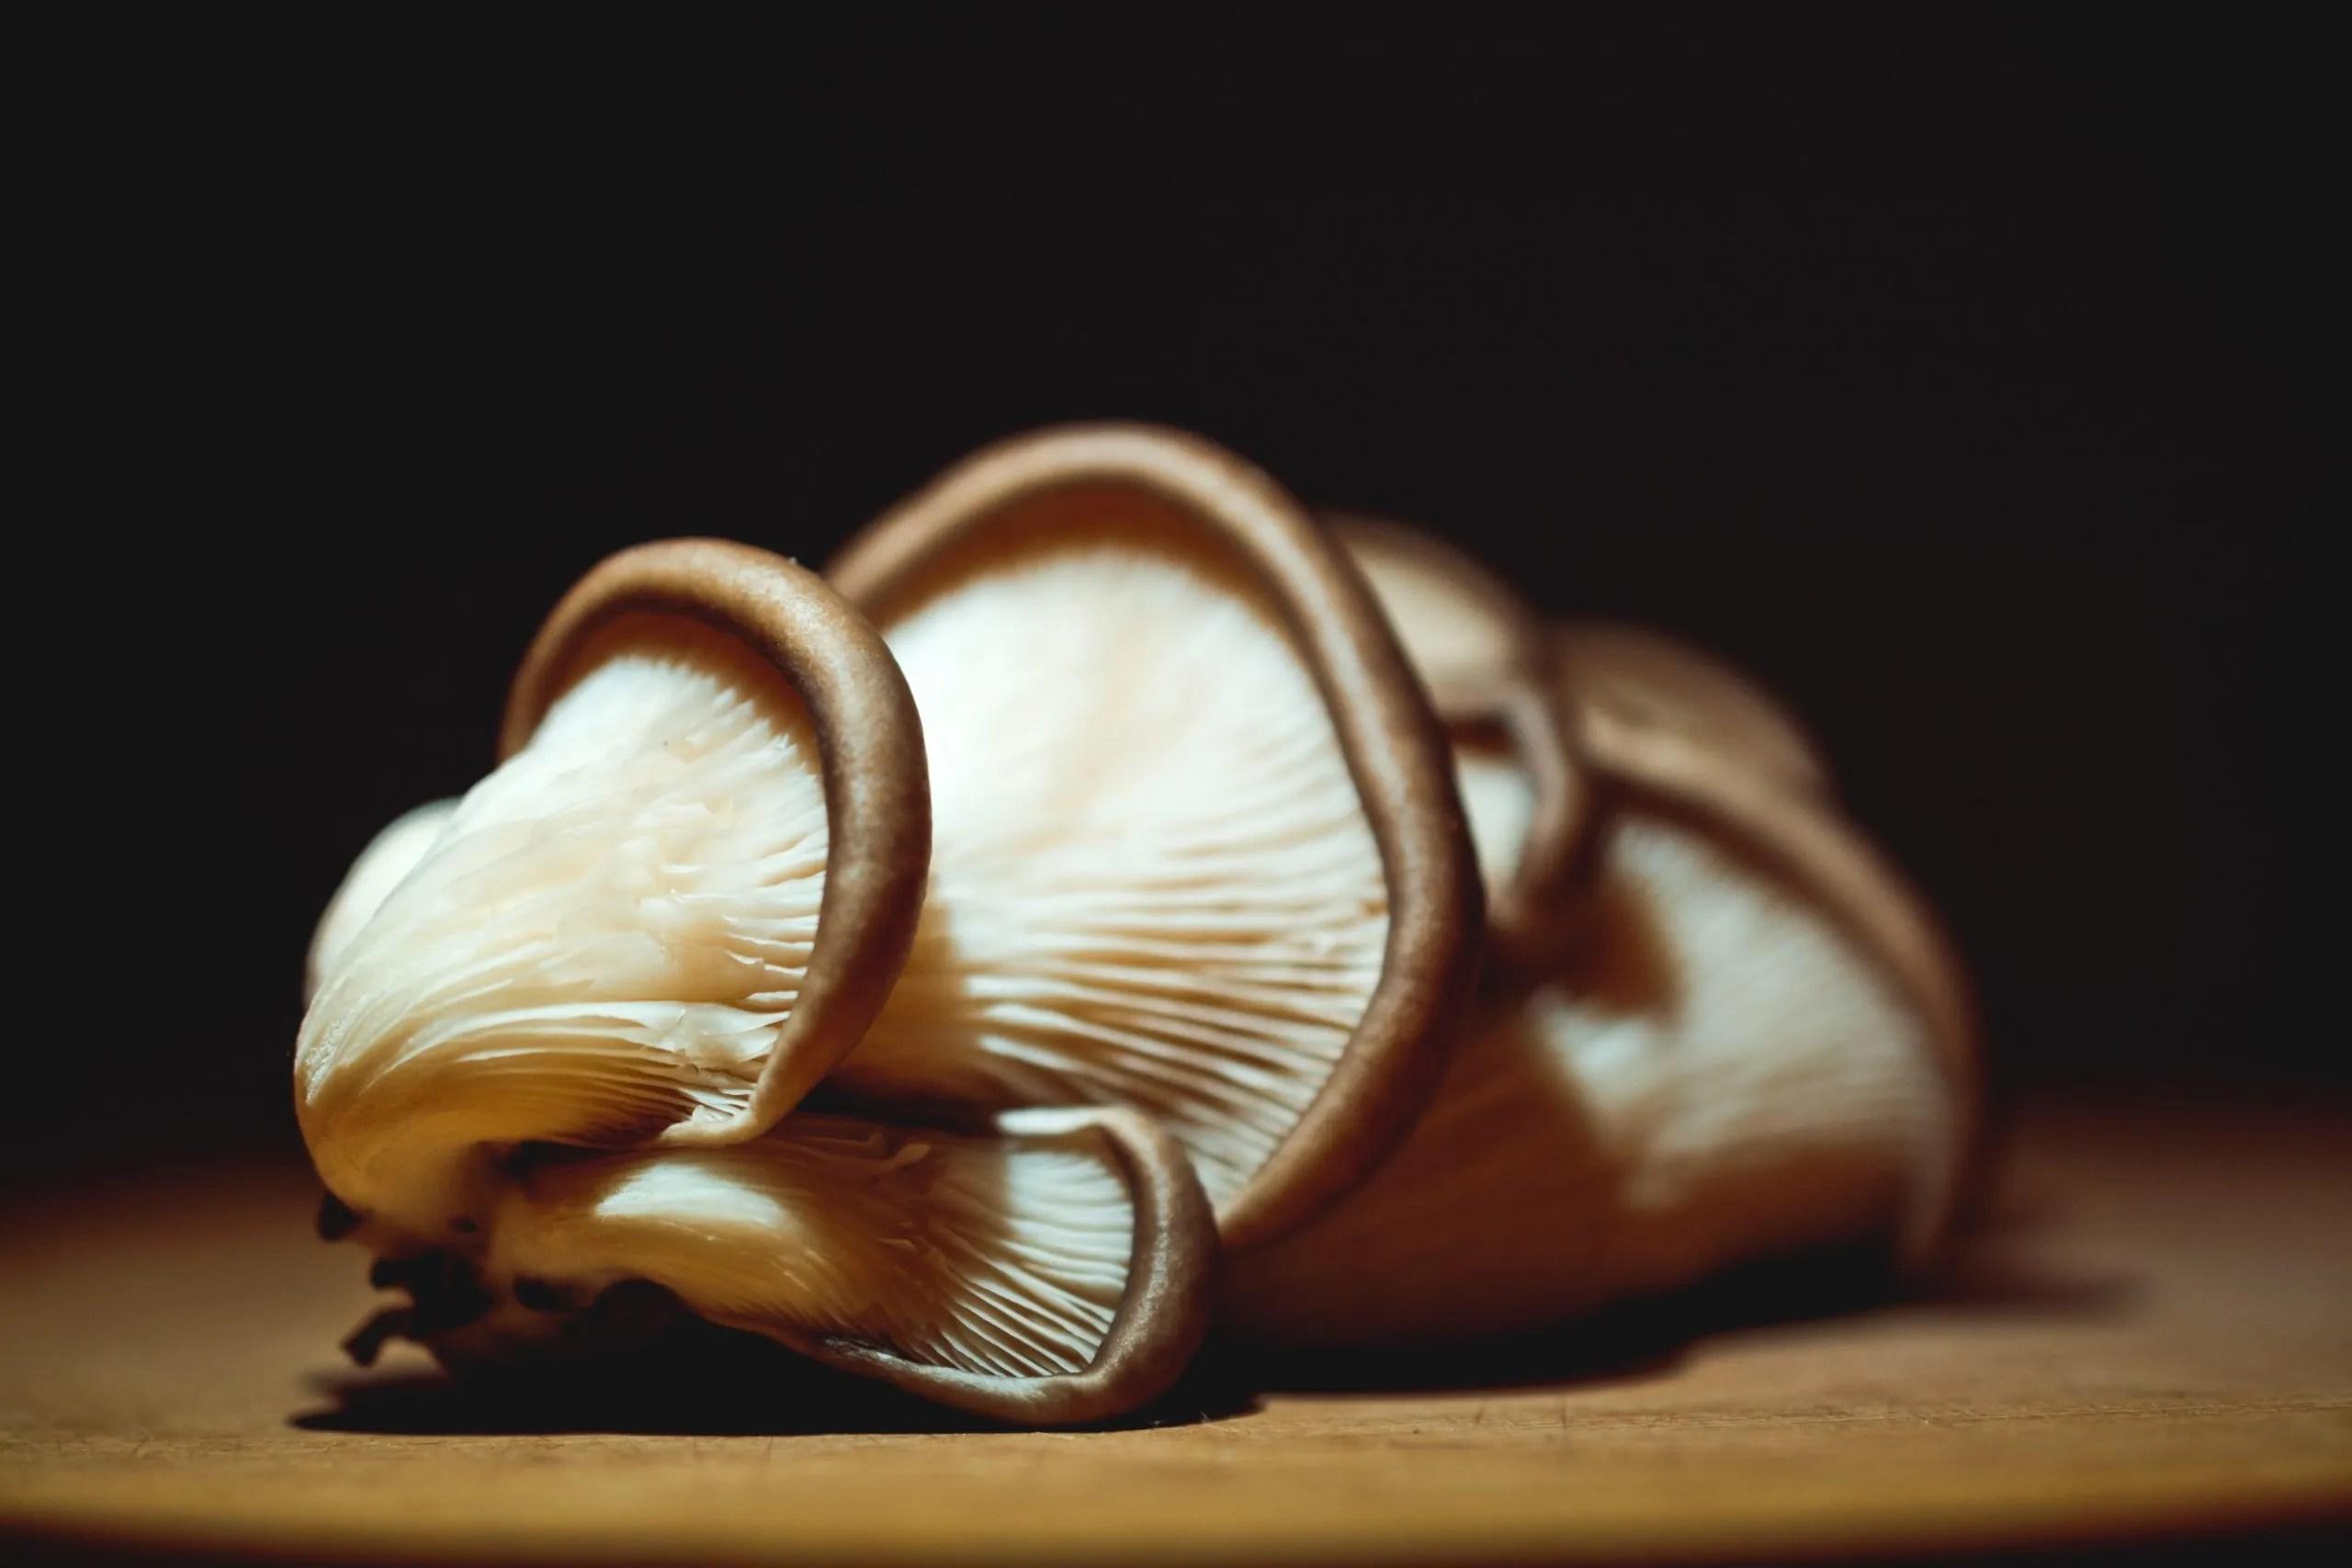 Black Oyster Mushrooms